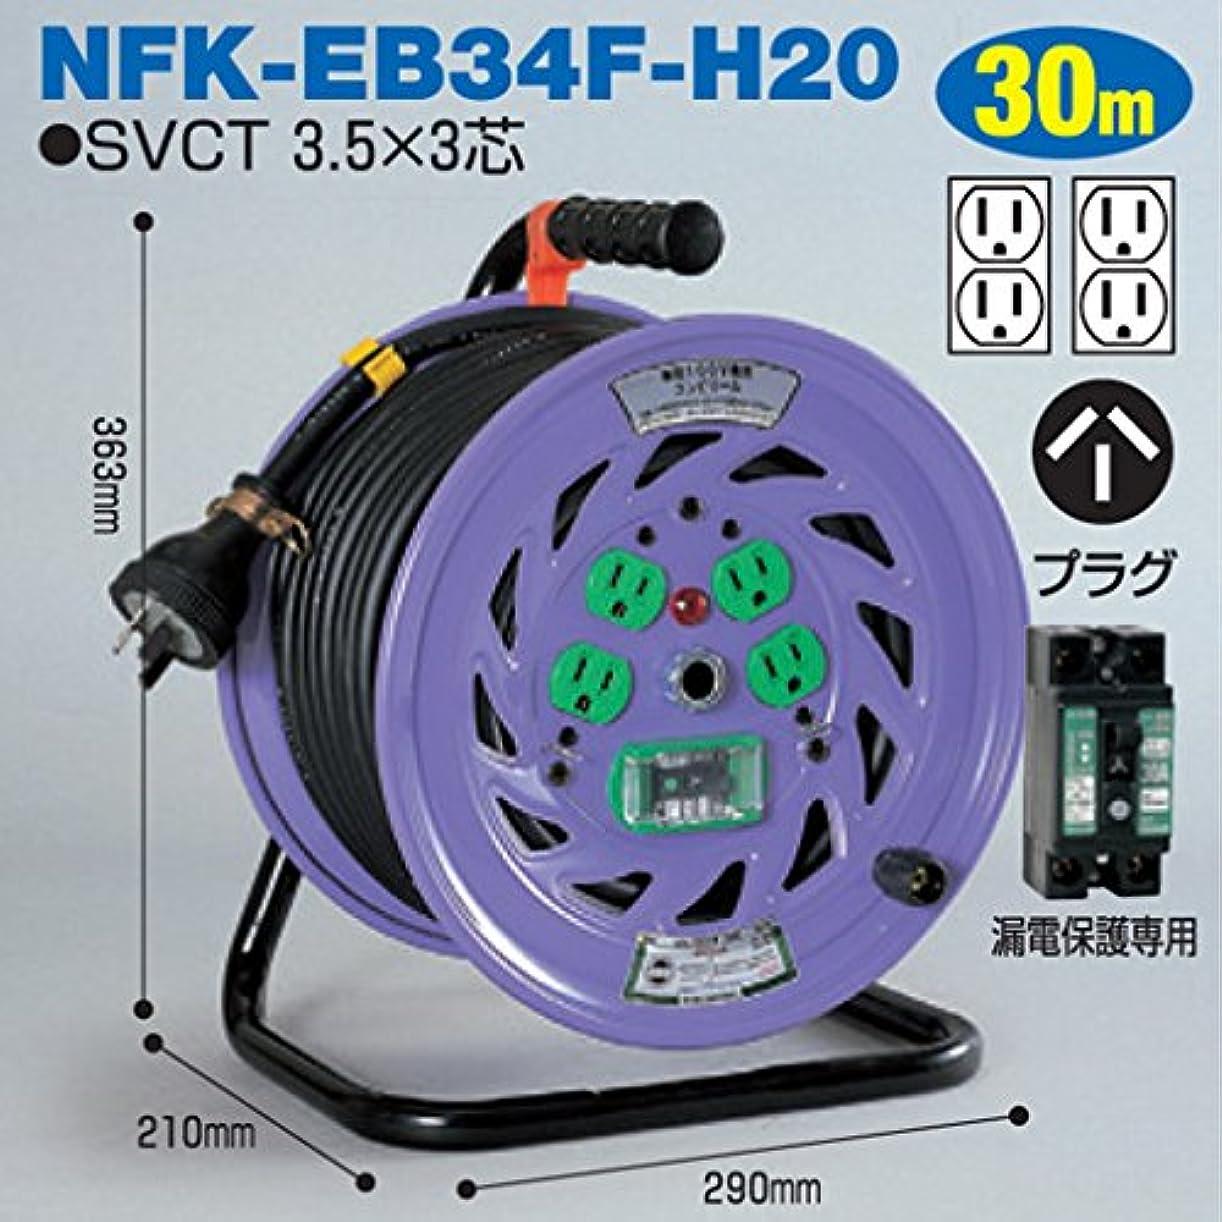 残るロデオ良さ電工ドラム コンビリールシリーズ 100V専用(屋内型)NFK-EB34F-H20 30m Hタイプ[20A] アース付日動工業